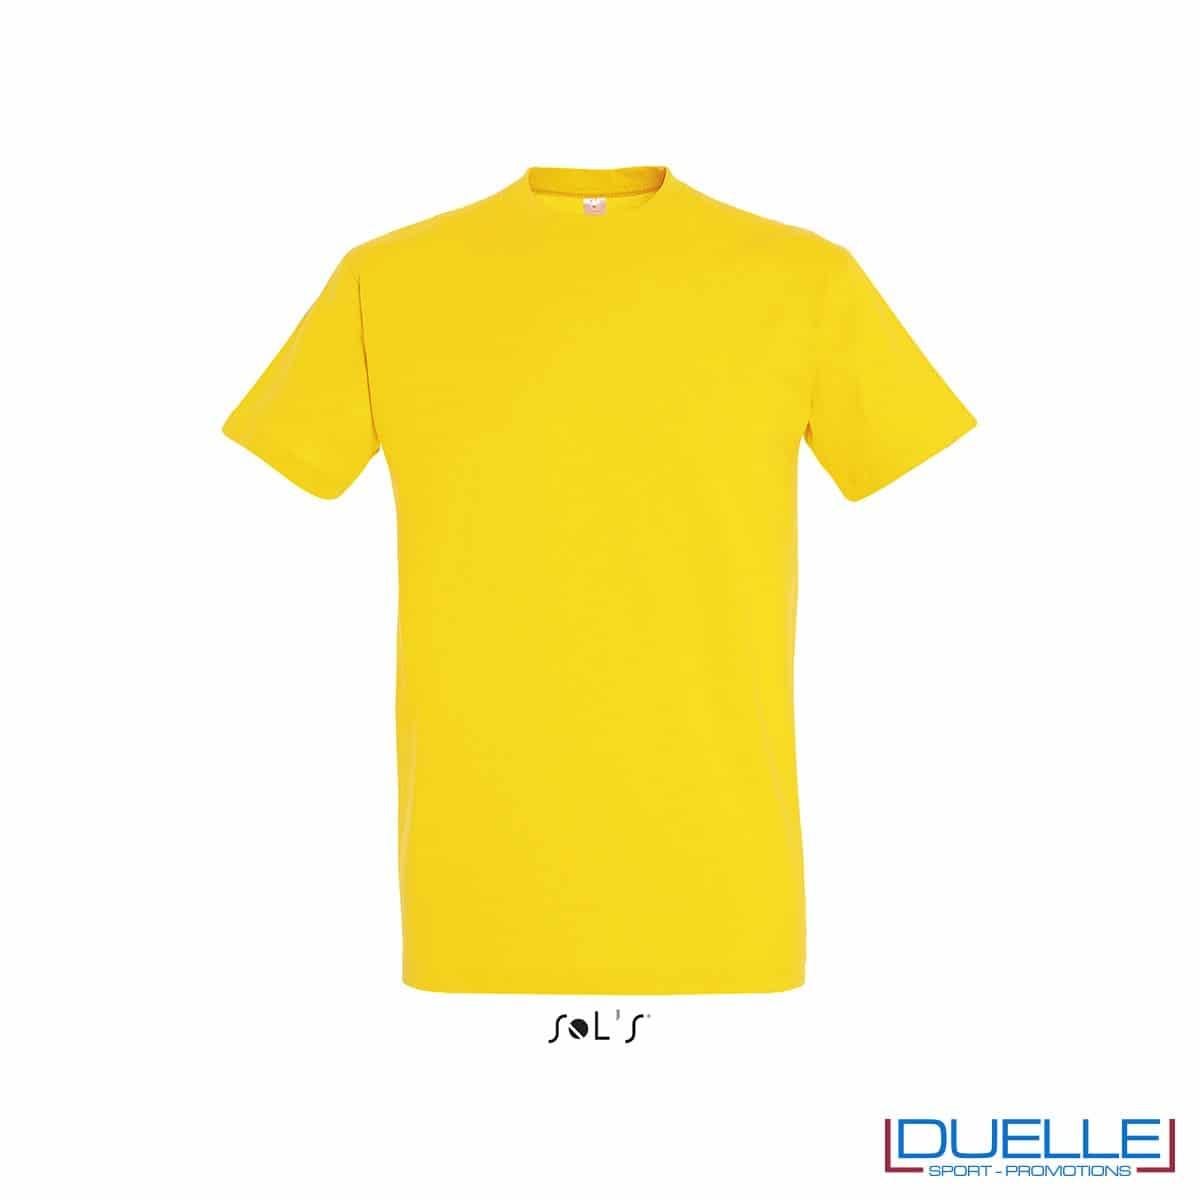 Maglietta promozionale in cotone pesante colore giallo personalizzata con ricamo o stampa